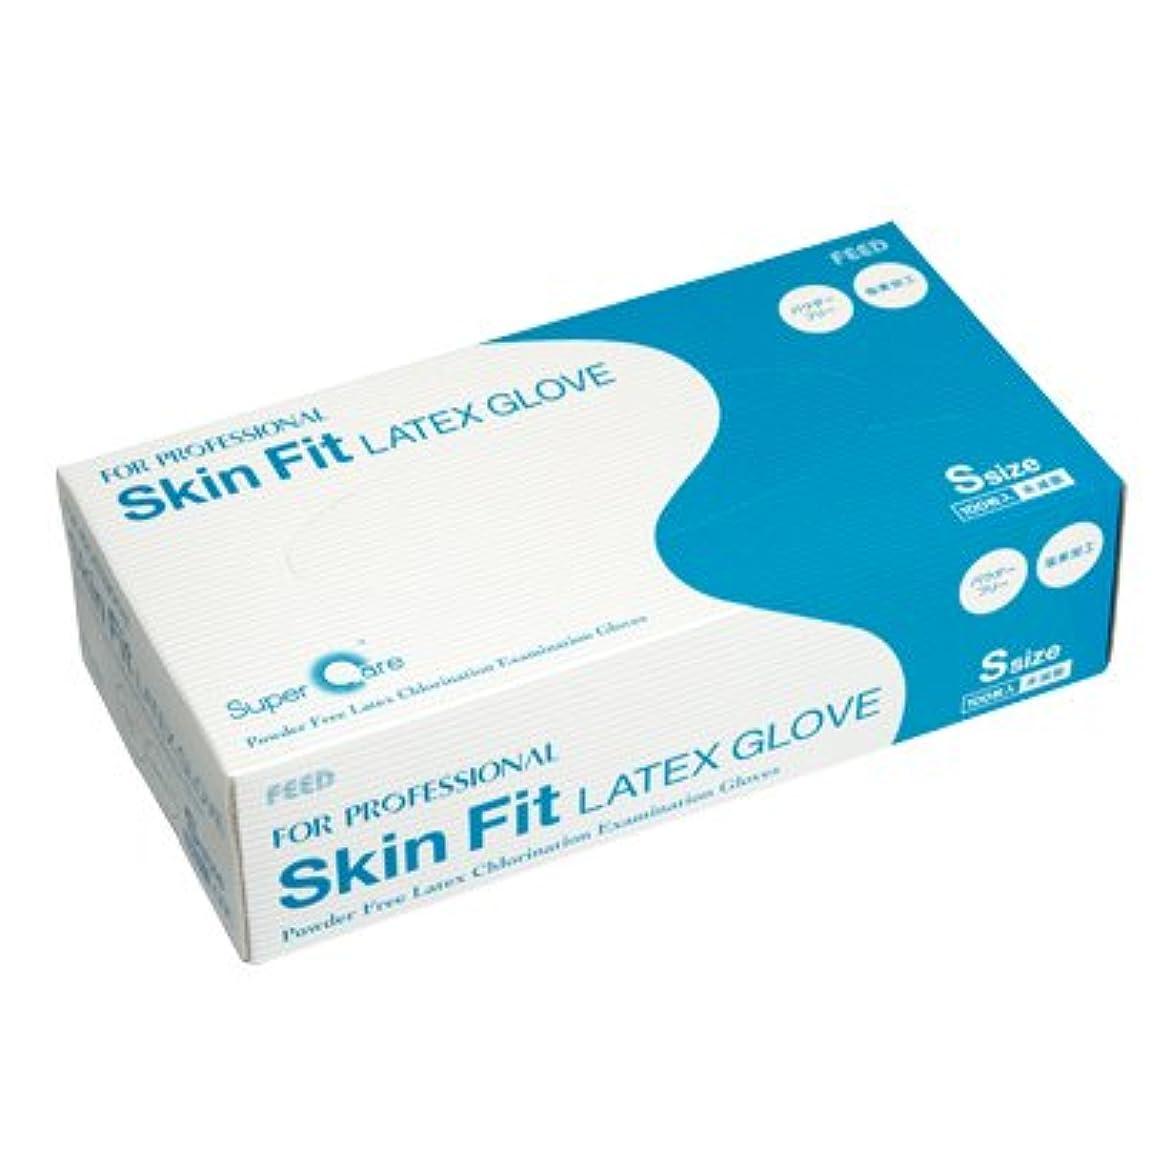 有害誰が楽なFEED(フィード) Skin Fit ラテックスグローブ パウダーフリー 塩素加工 S カートン(10ケース) (医療機器)